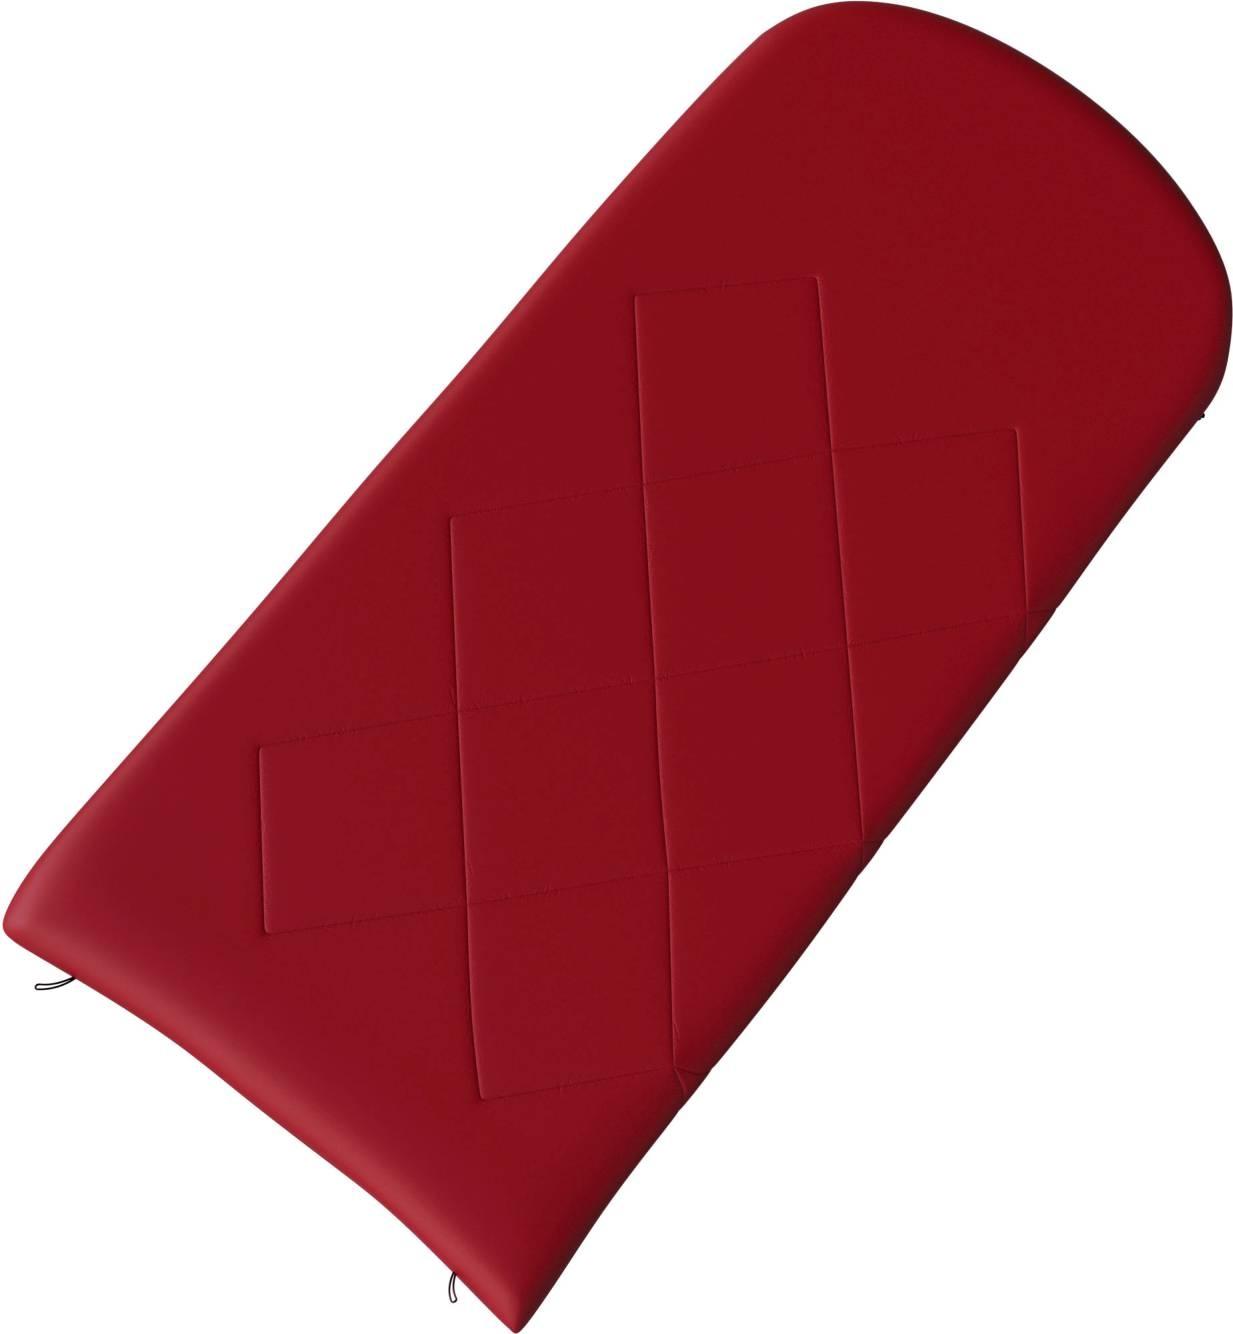 Spacák dekový   Kids Galy -5°C červená